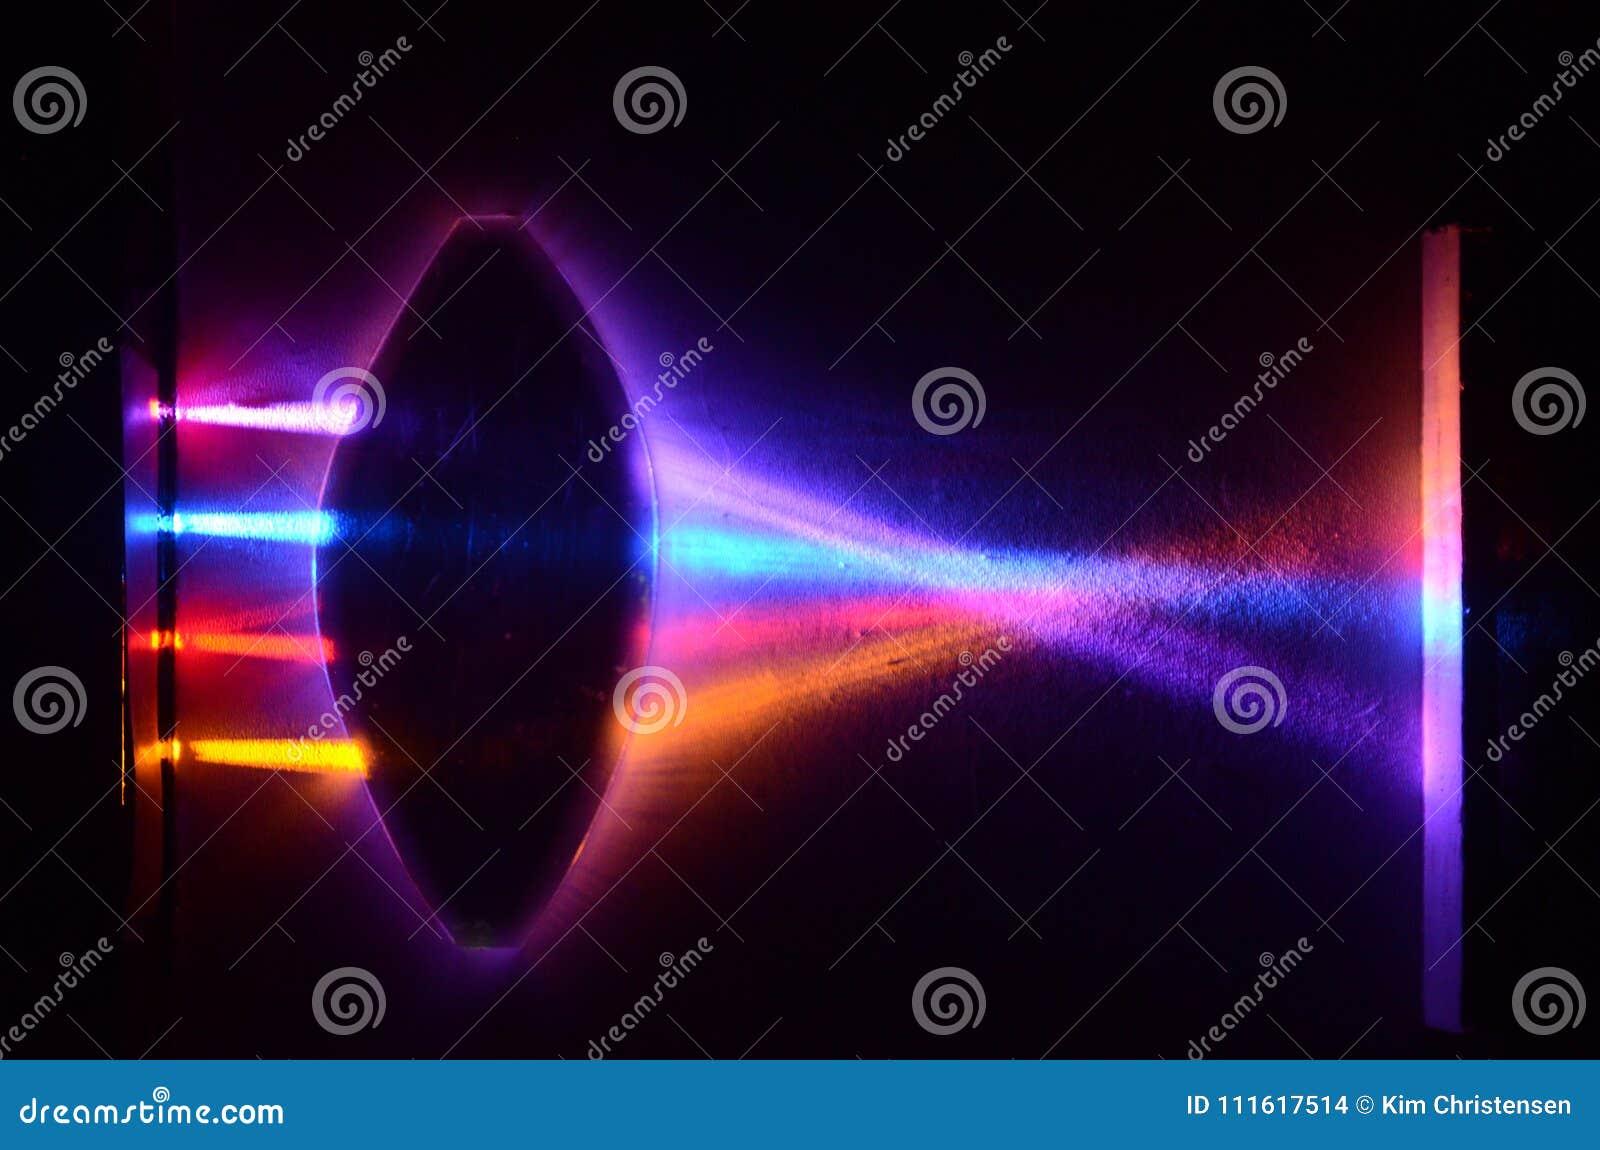 Convex lens demo